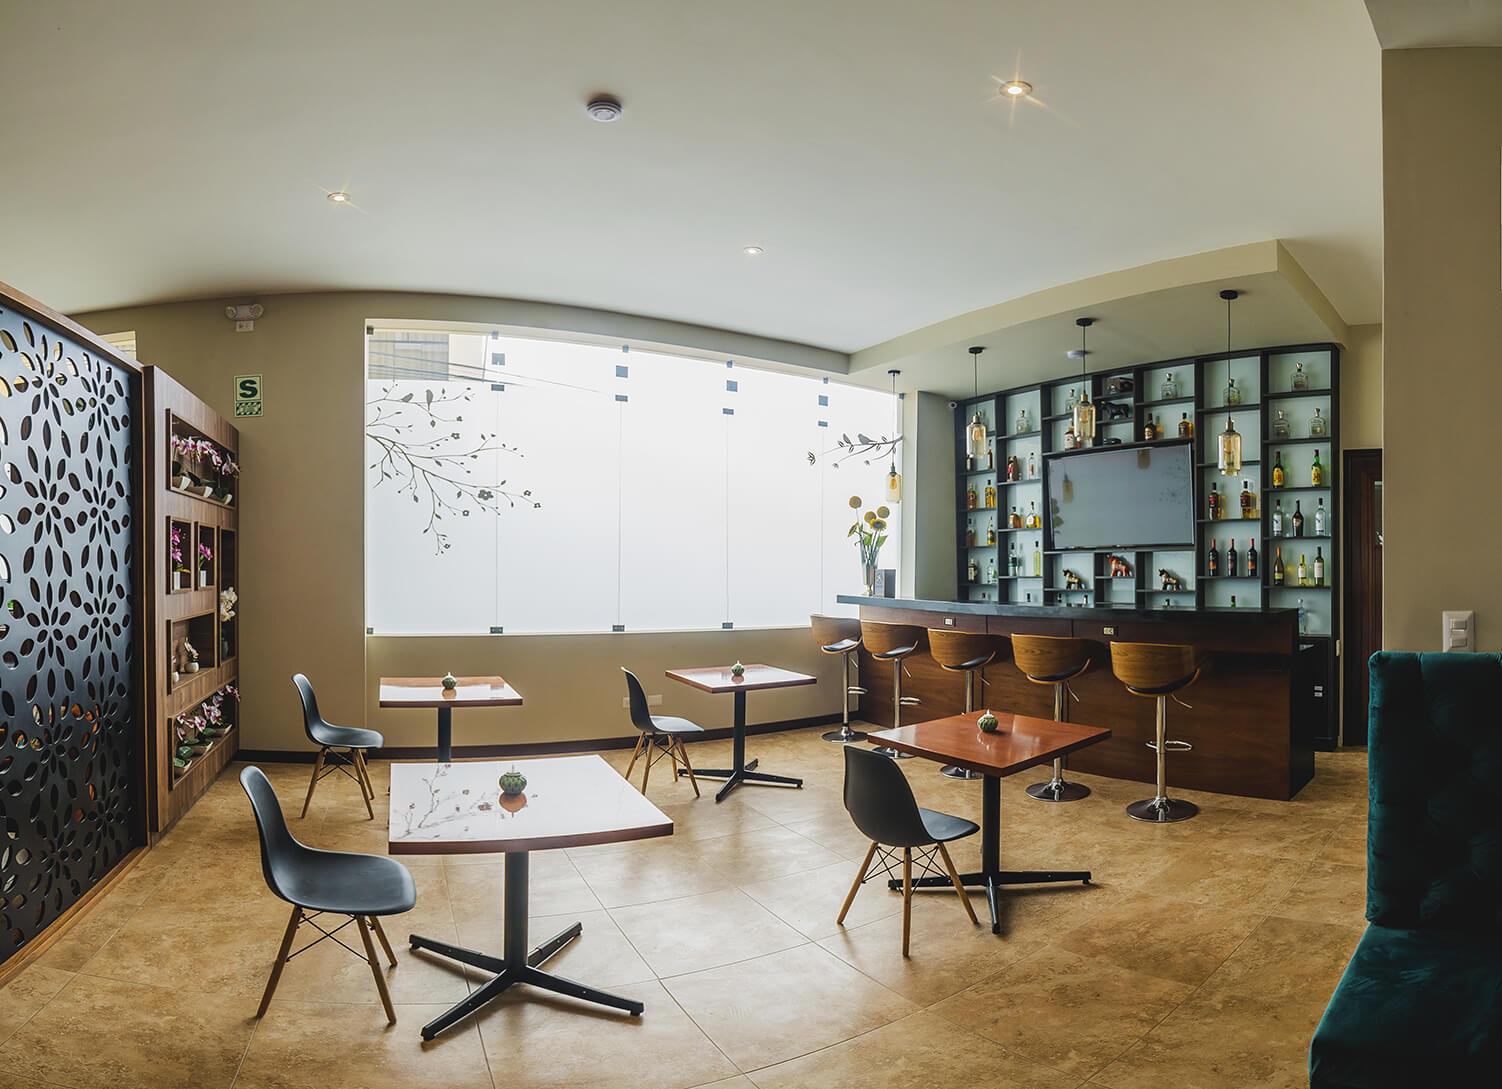 Cordillera Hotel obtiene importante certificación de bioseguridad